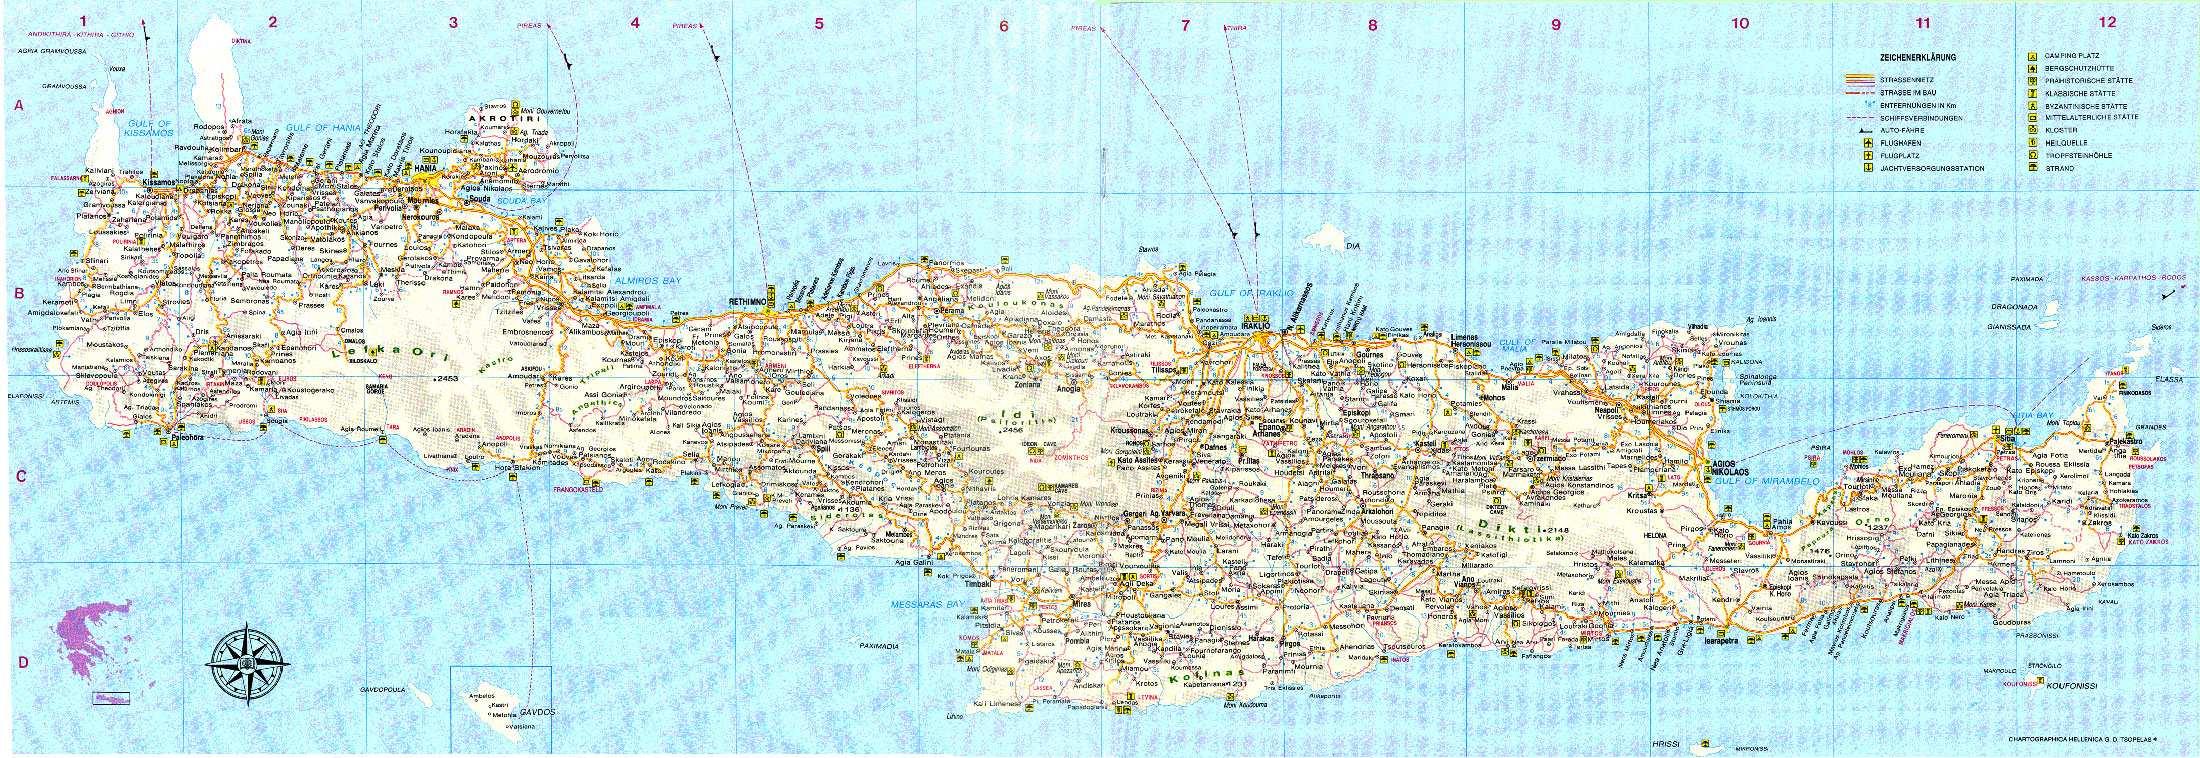 Carte Routiere Crete En Francais.Cartes De Crete Cartes Typographiques Detaillees De Crete Grece